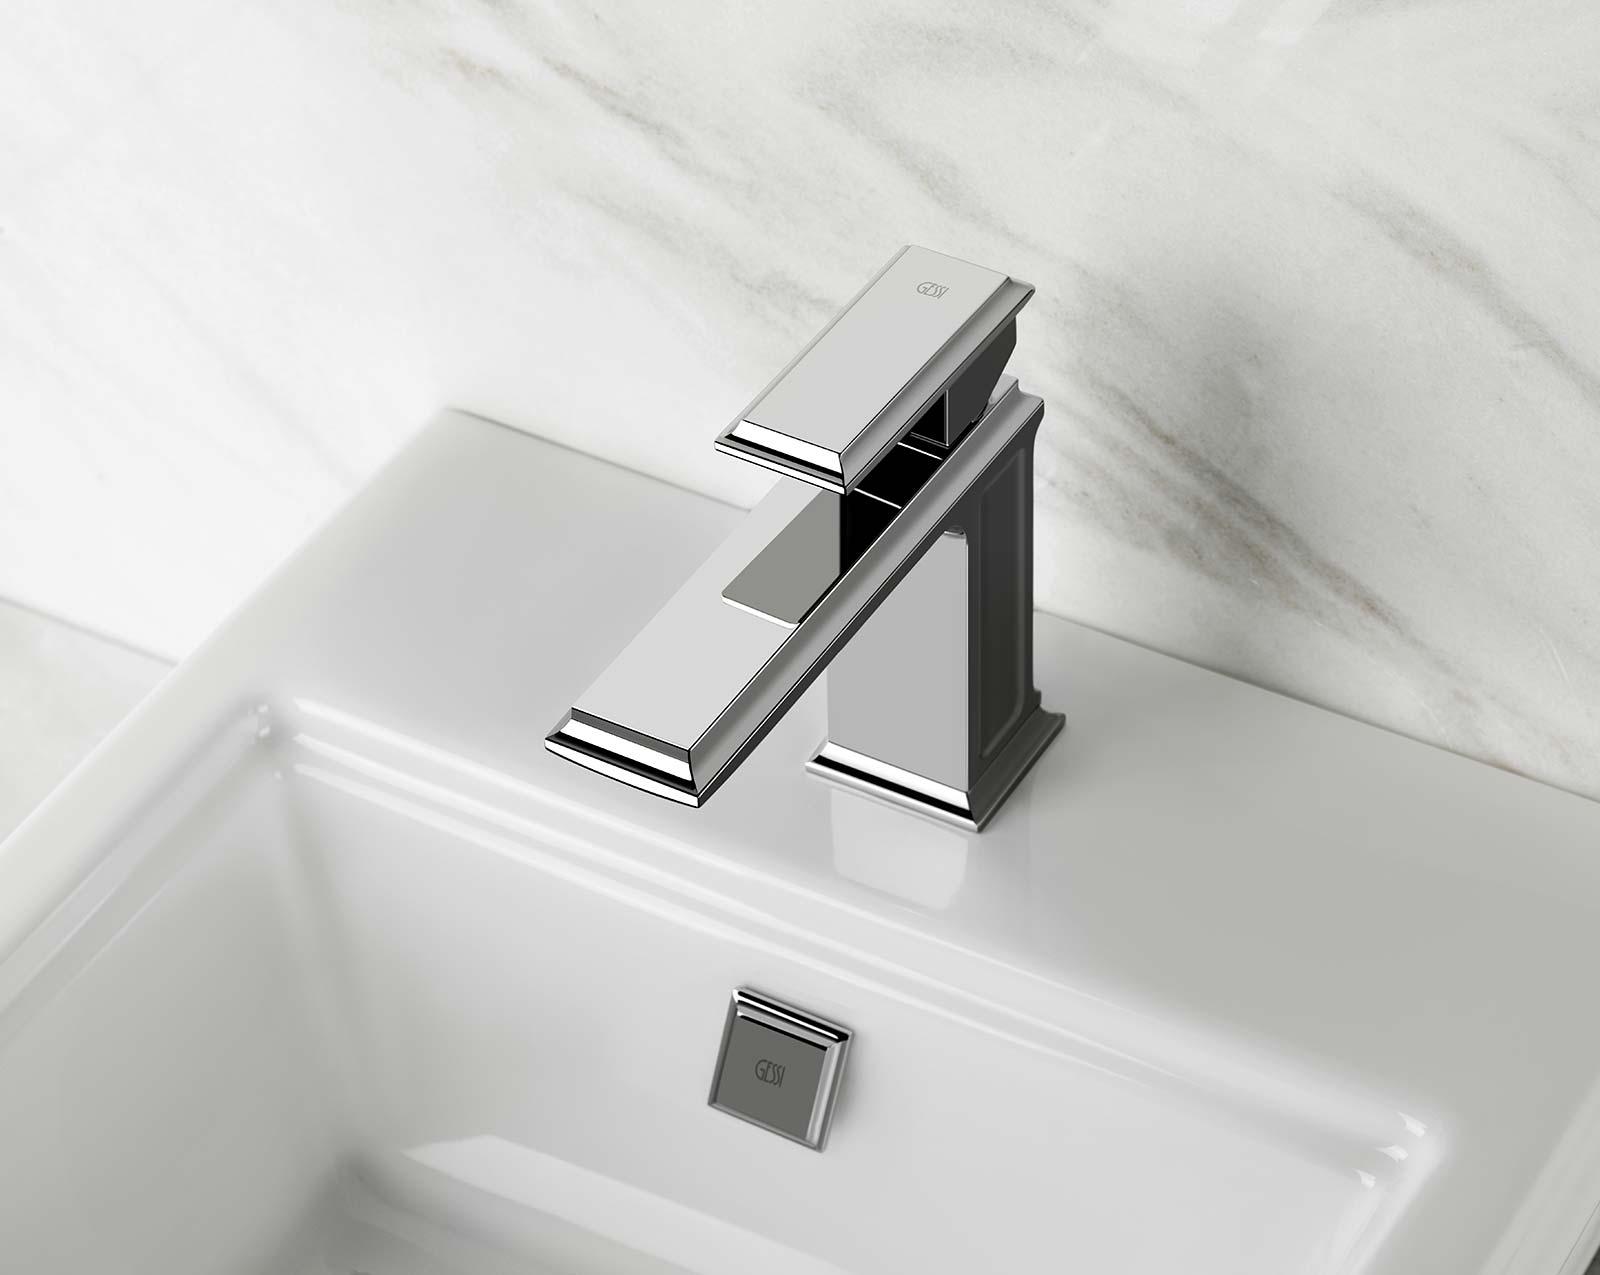 Guida per scegliere la rubinetteria da bagno